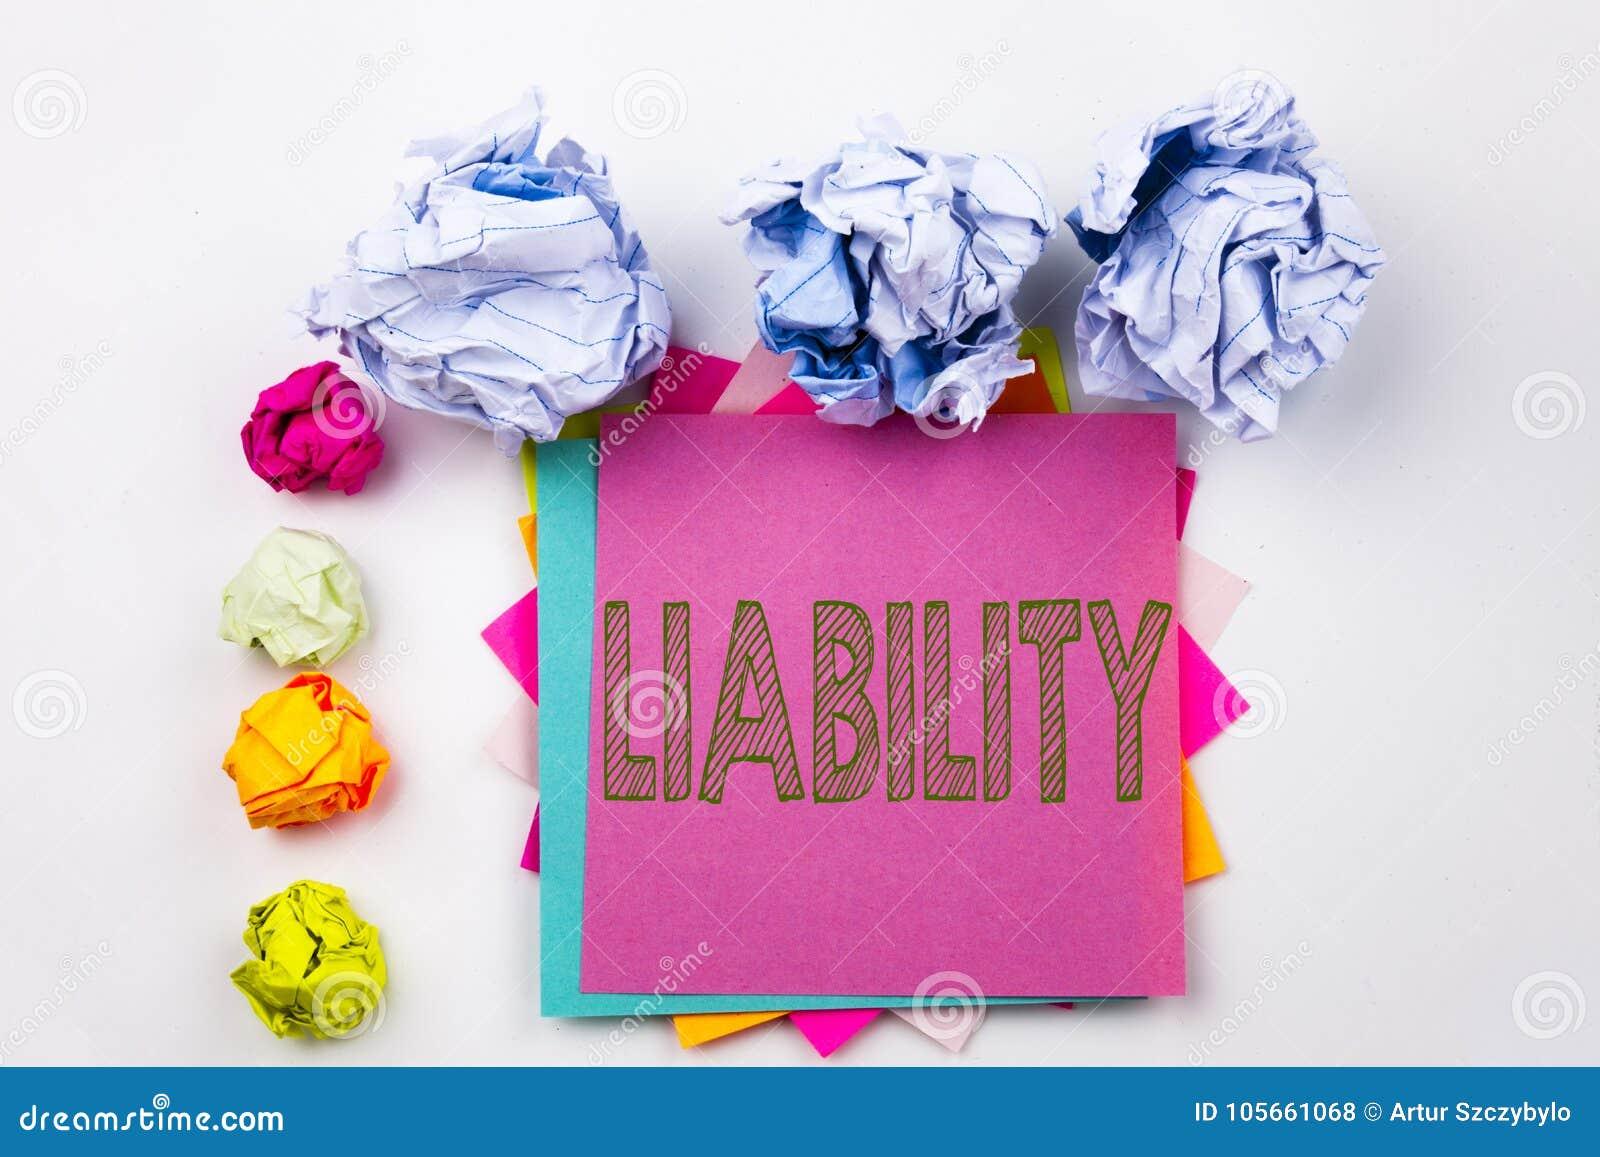 显示责任的文字文本写在稠粘的笔记在有螺丝纸球的办公室 法律的责任的企业概念